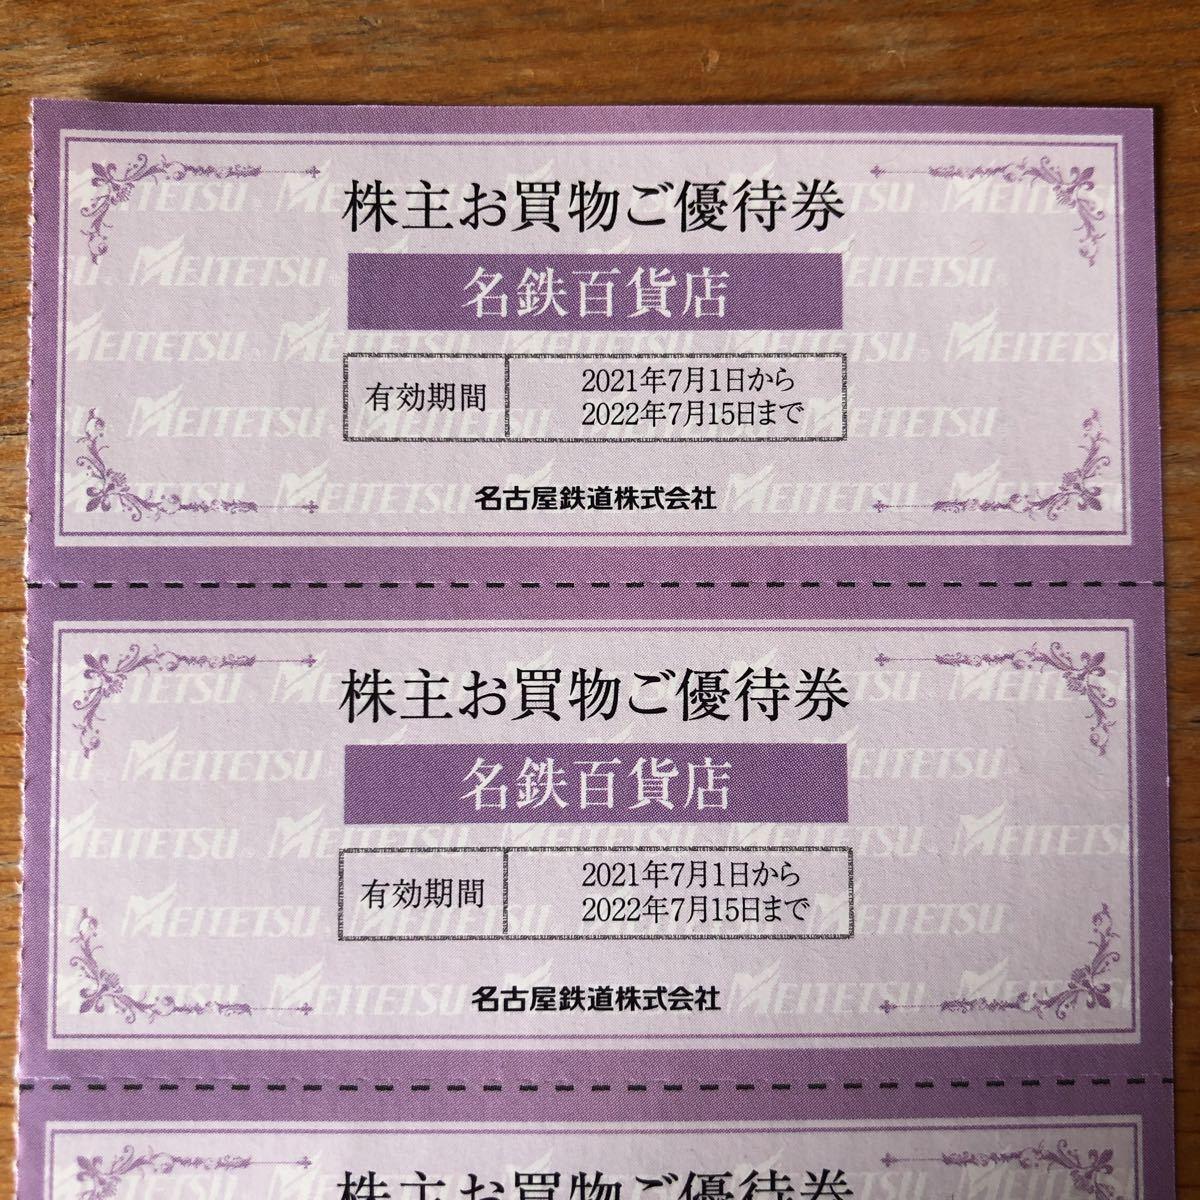 【最新】名鉄百貨店 株主お買物ご優待券 2022.7.15期限 6枚×3シート 18枚_画像2